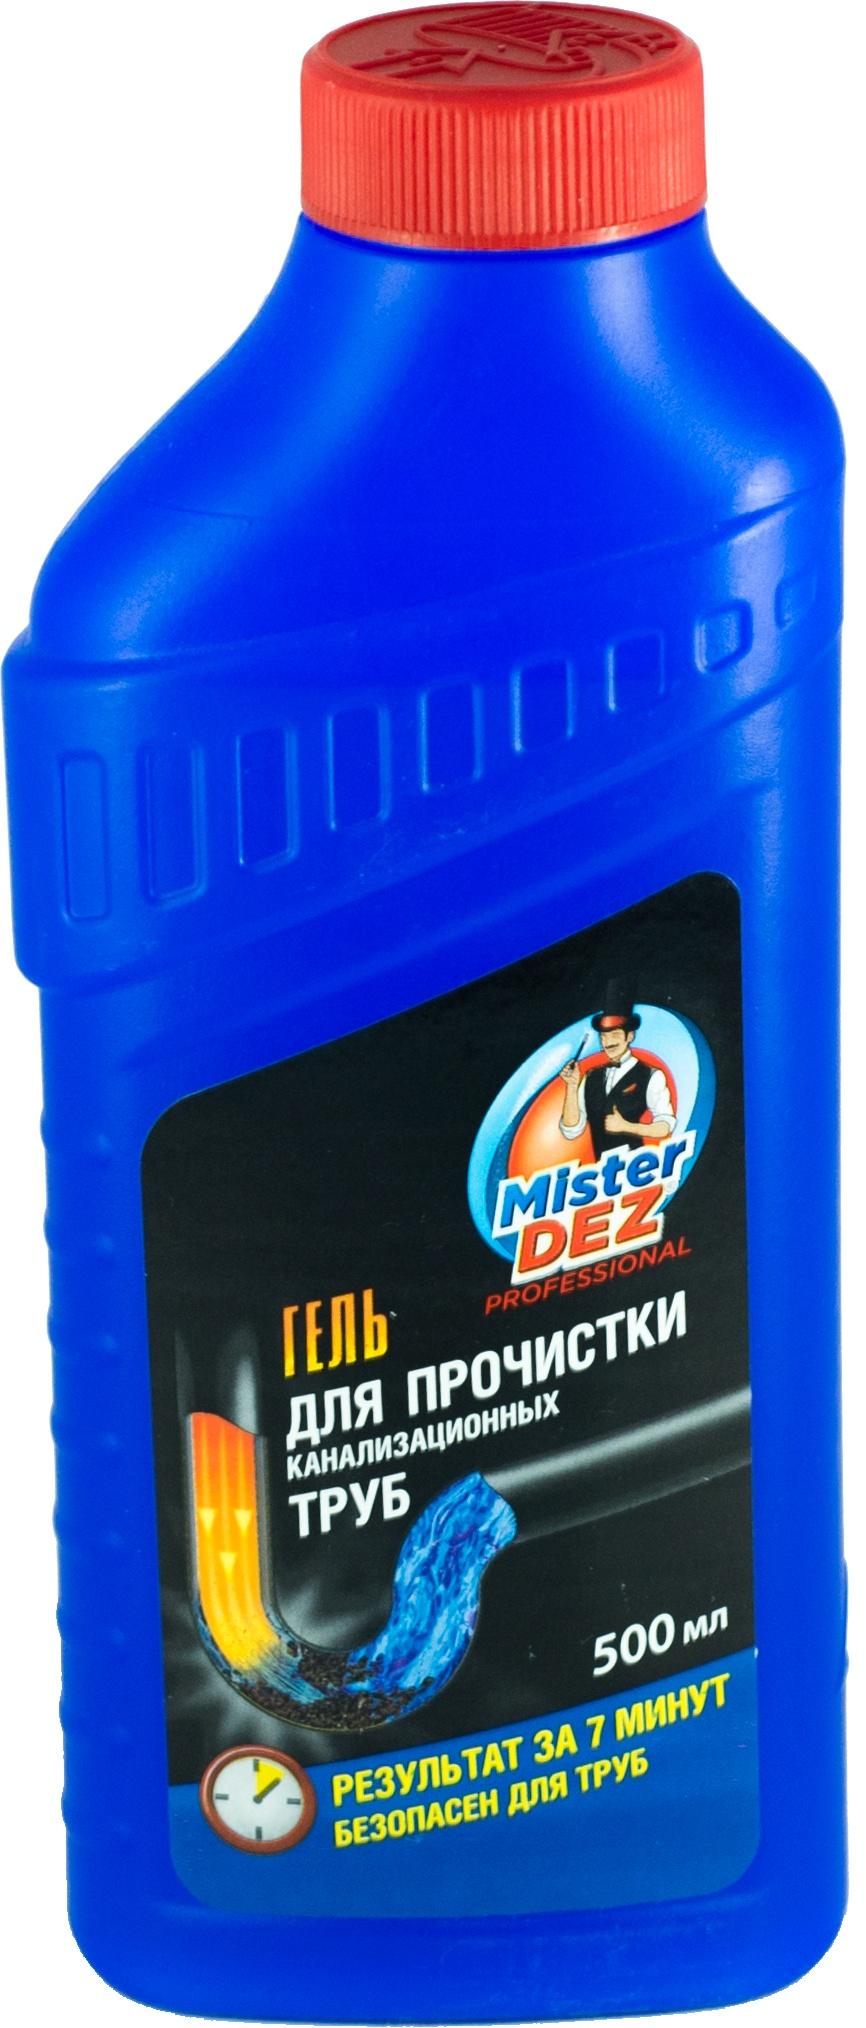 Гель для прочистки канализационных труб Mister Dez PROFESSIONAL 500 мл трос для прочистки канализационных труб 5 5 мм х 3 м